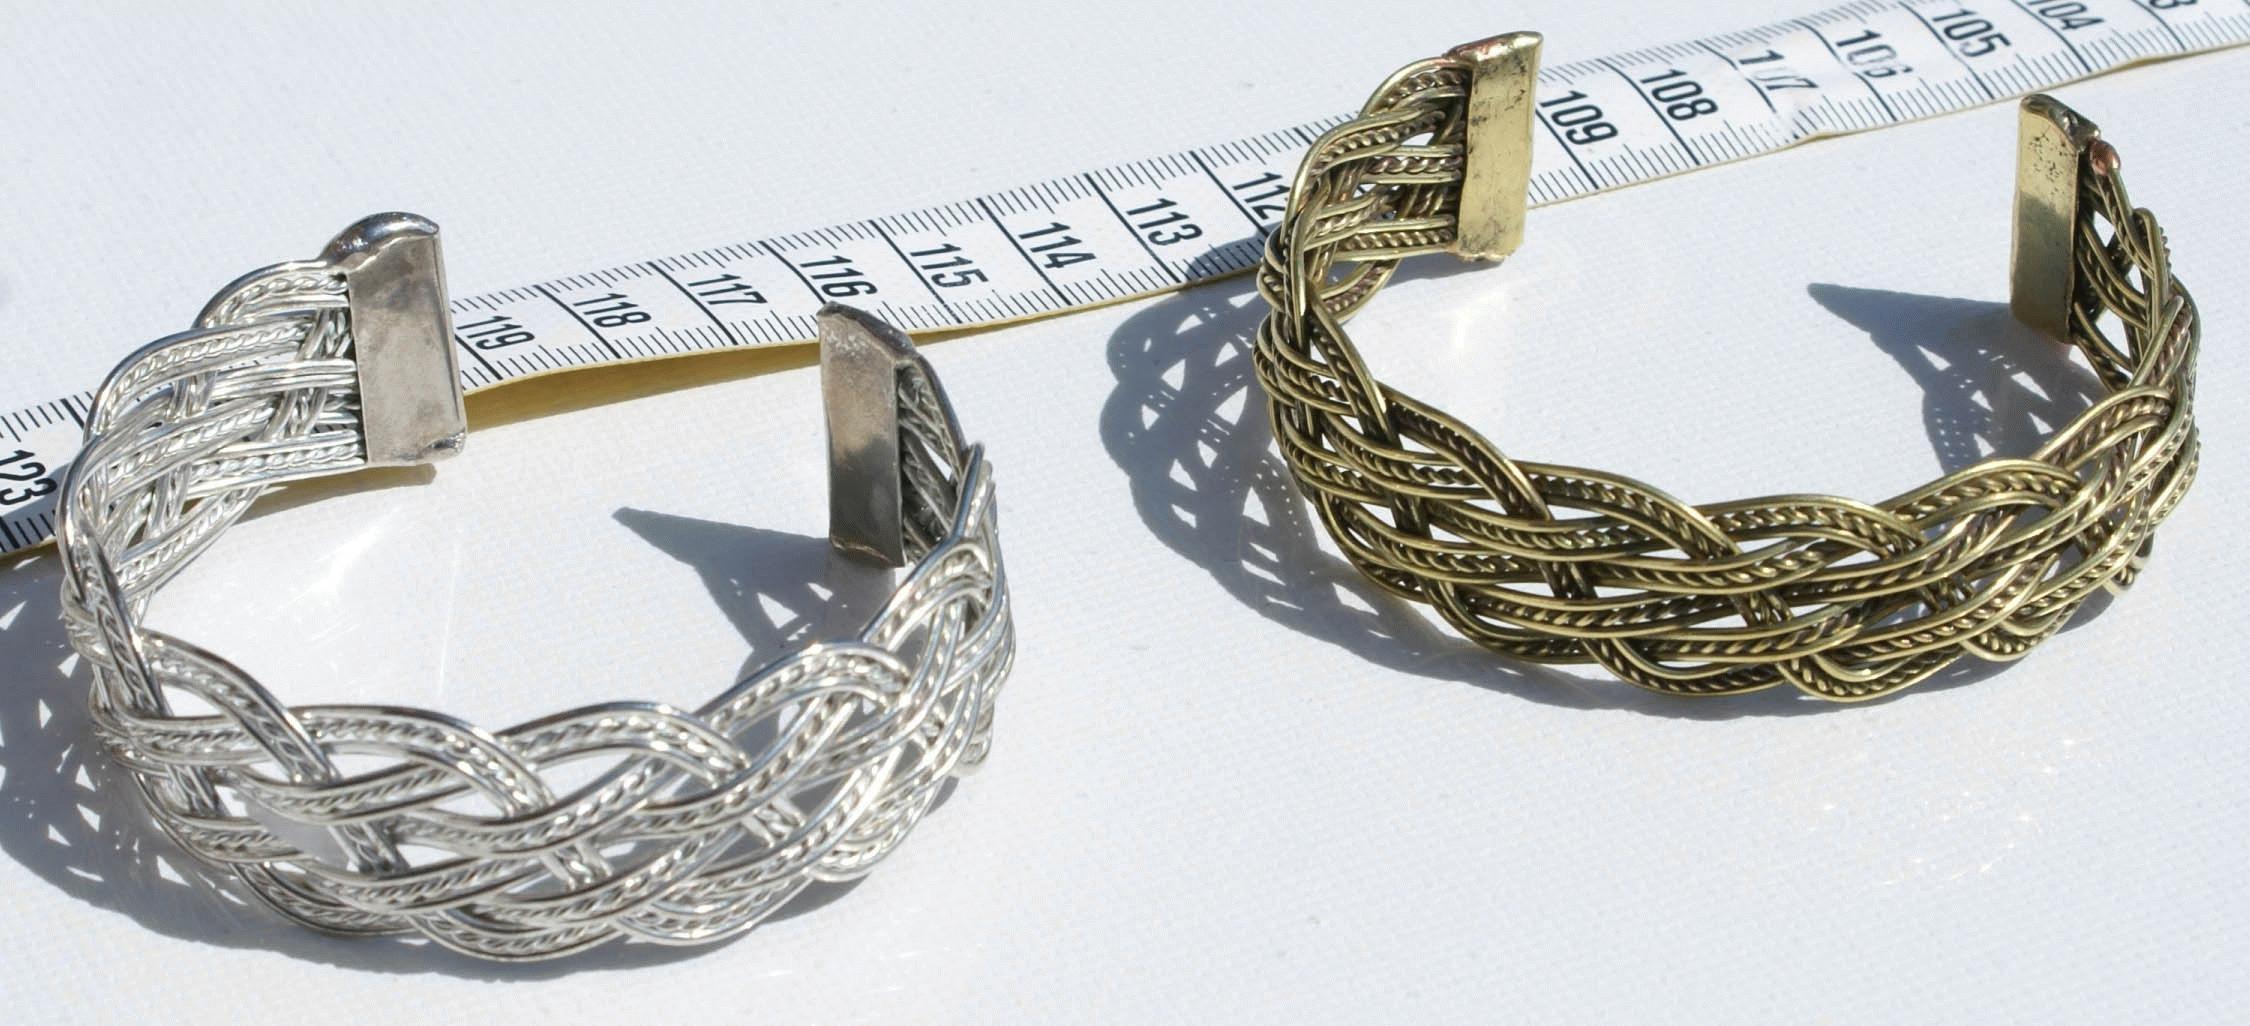 76416000e Mnoho 2 kovové tkané náramky ručně ručně tkané velkoobchodní šperky a  umění, tibet